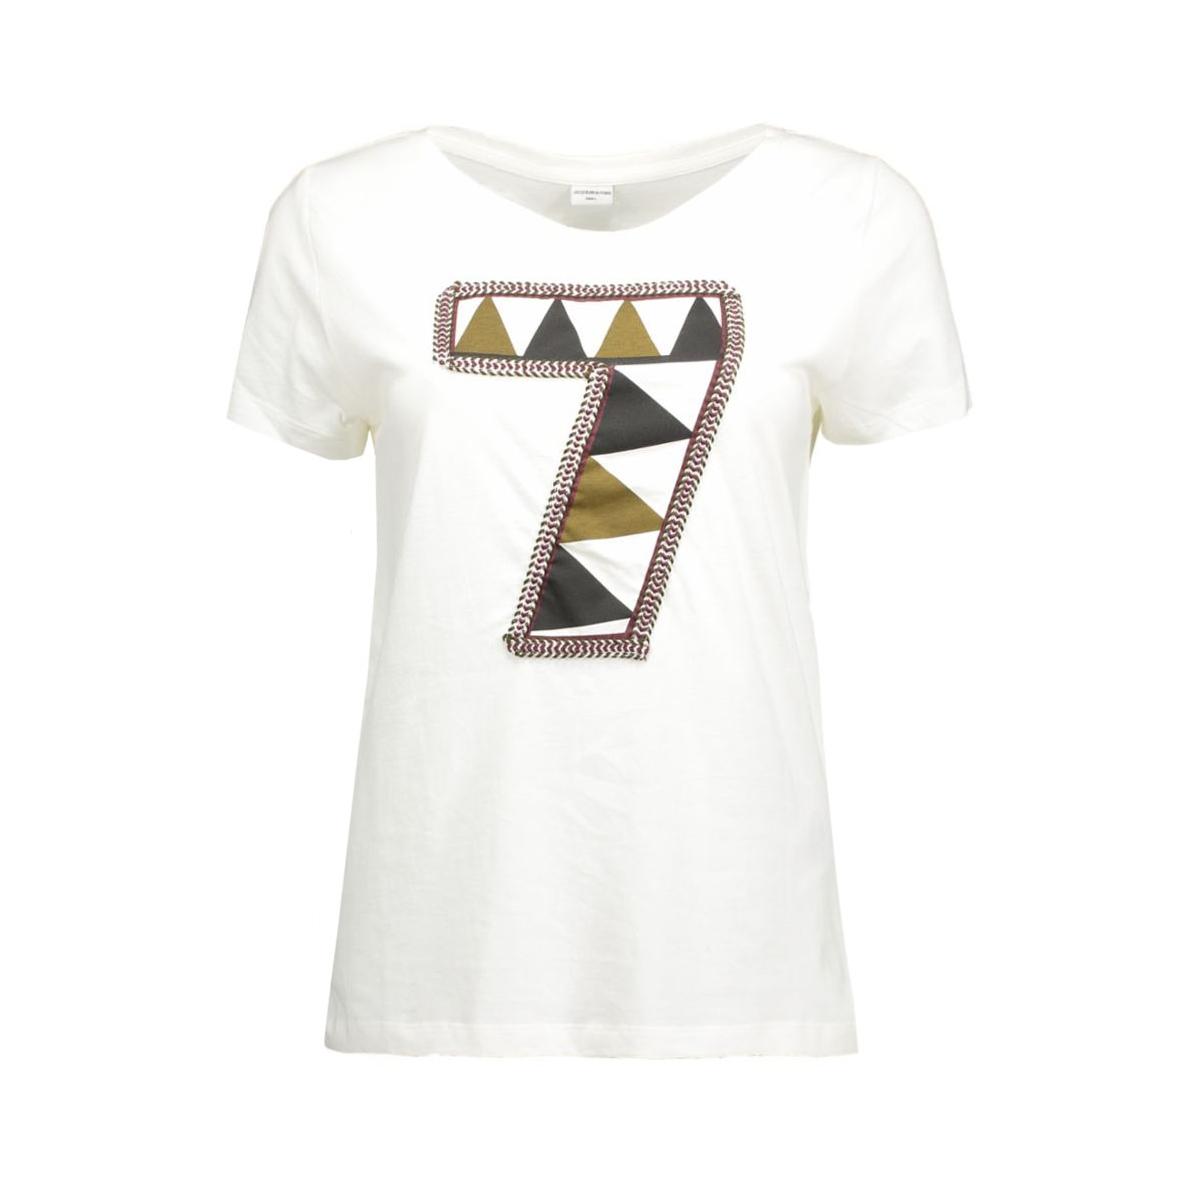 jdyclaire s/s print top jrs 15120276 jacqueline de yong t-shirt cloud dancer/7